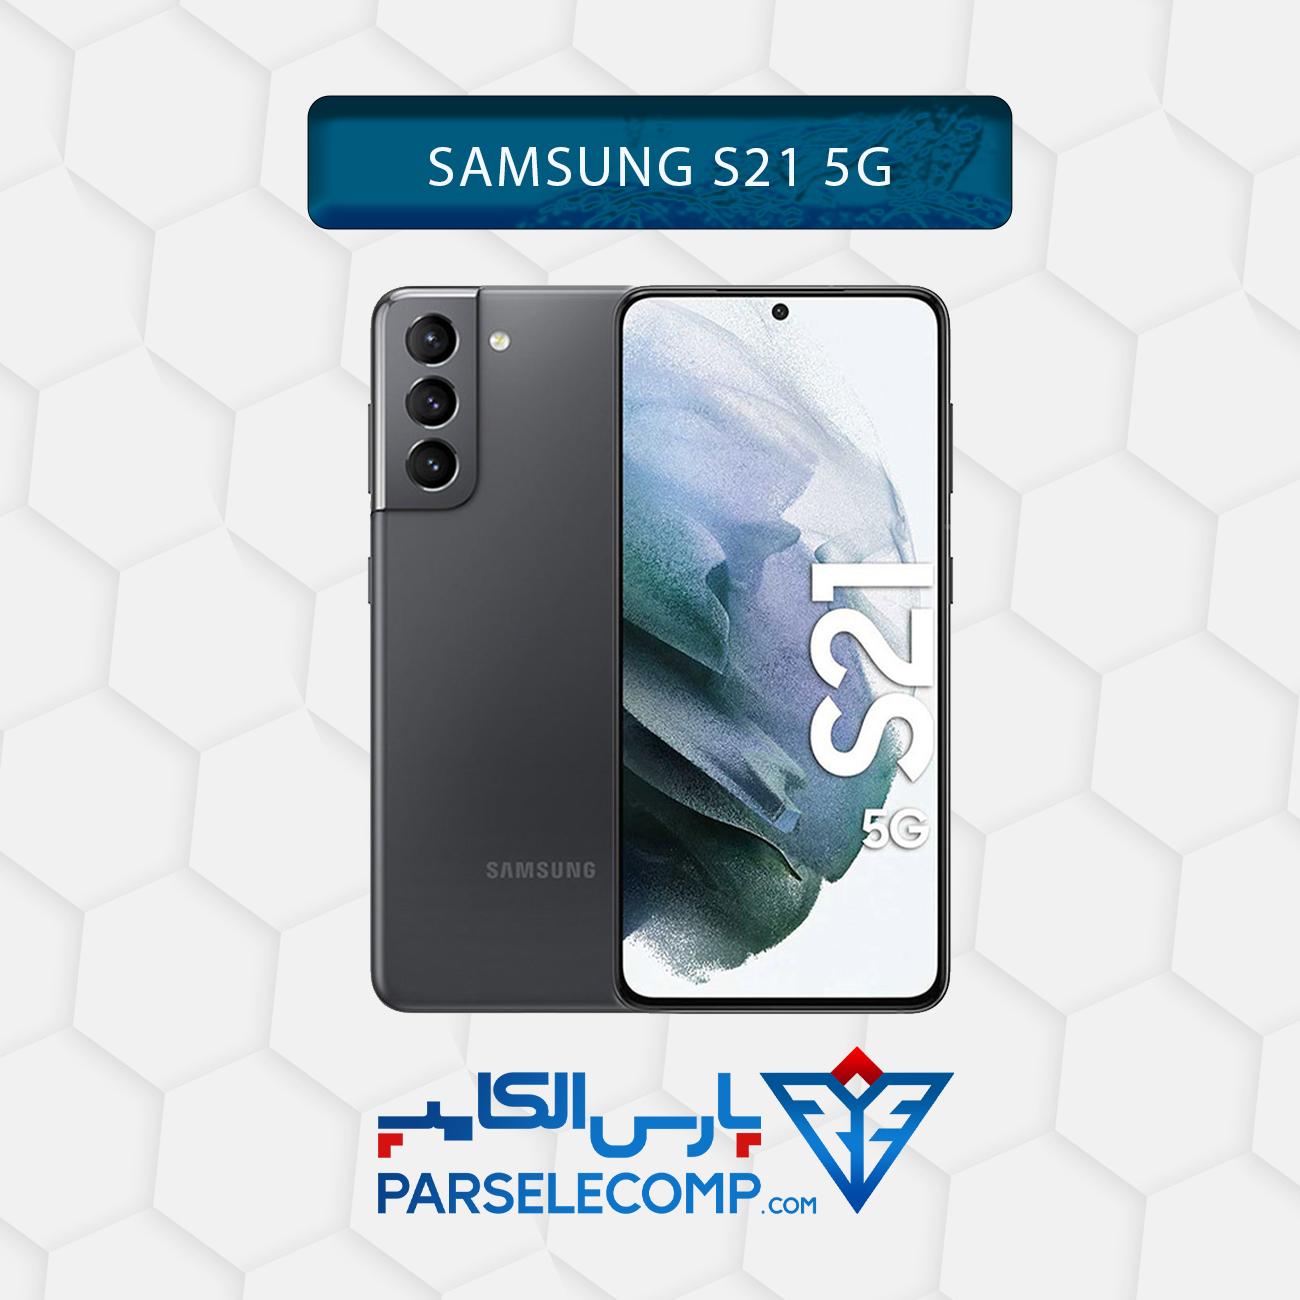 S21 5G